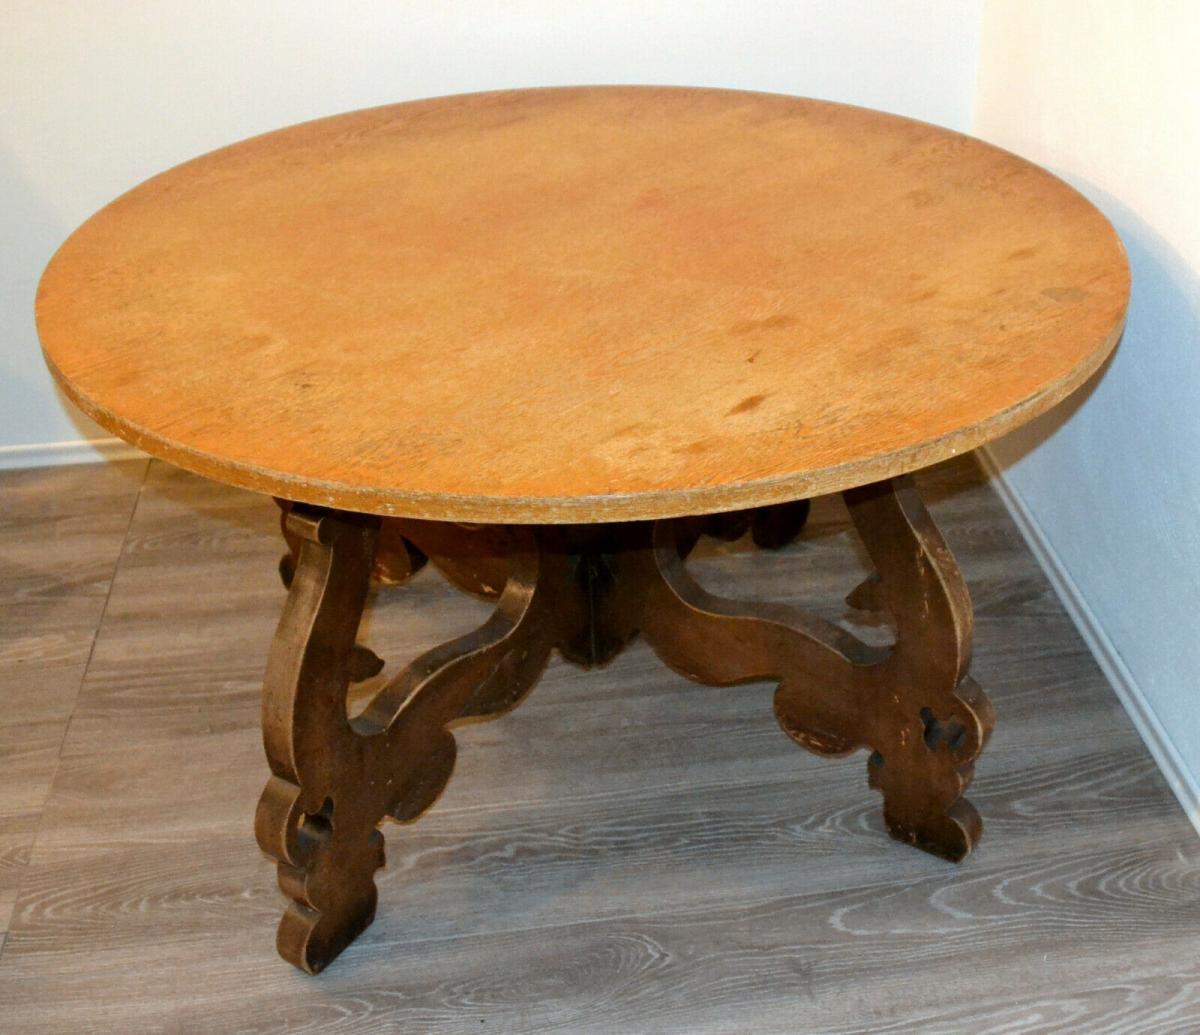 Möbel,runder Bauerntisch, alter Barockfuss, neue Platte,für Restaurator/Bastler 0